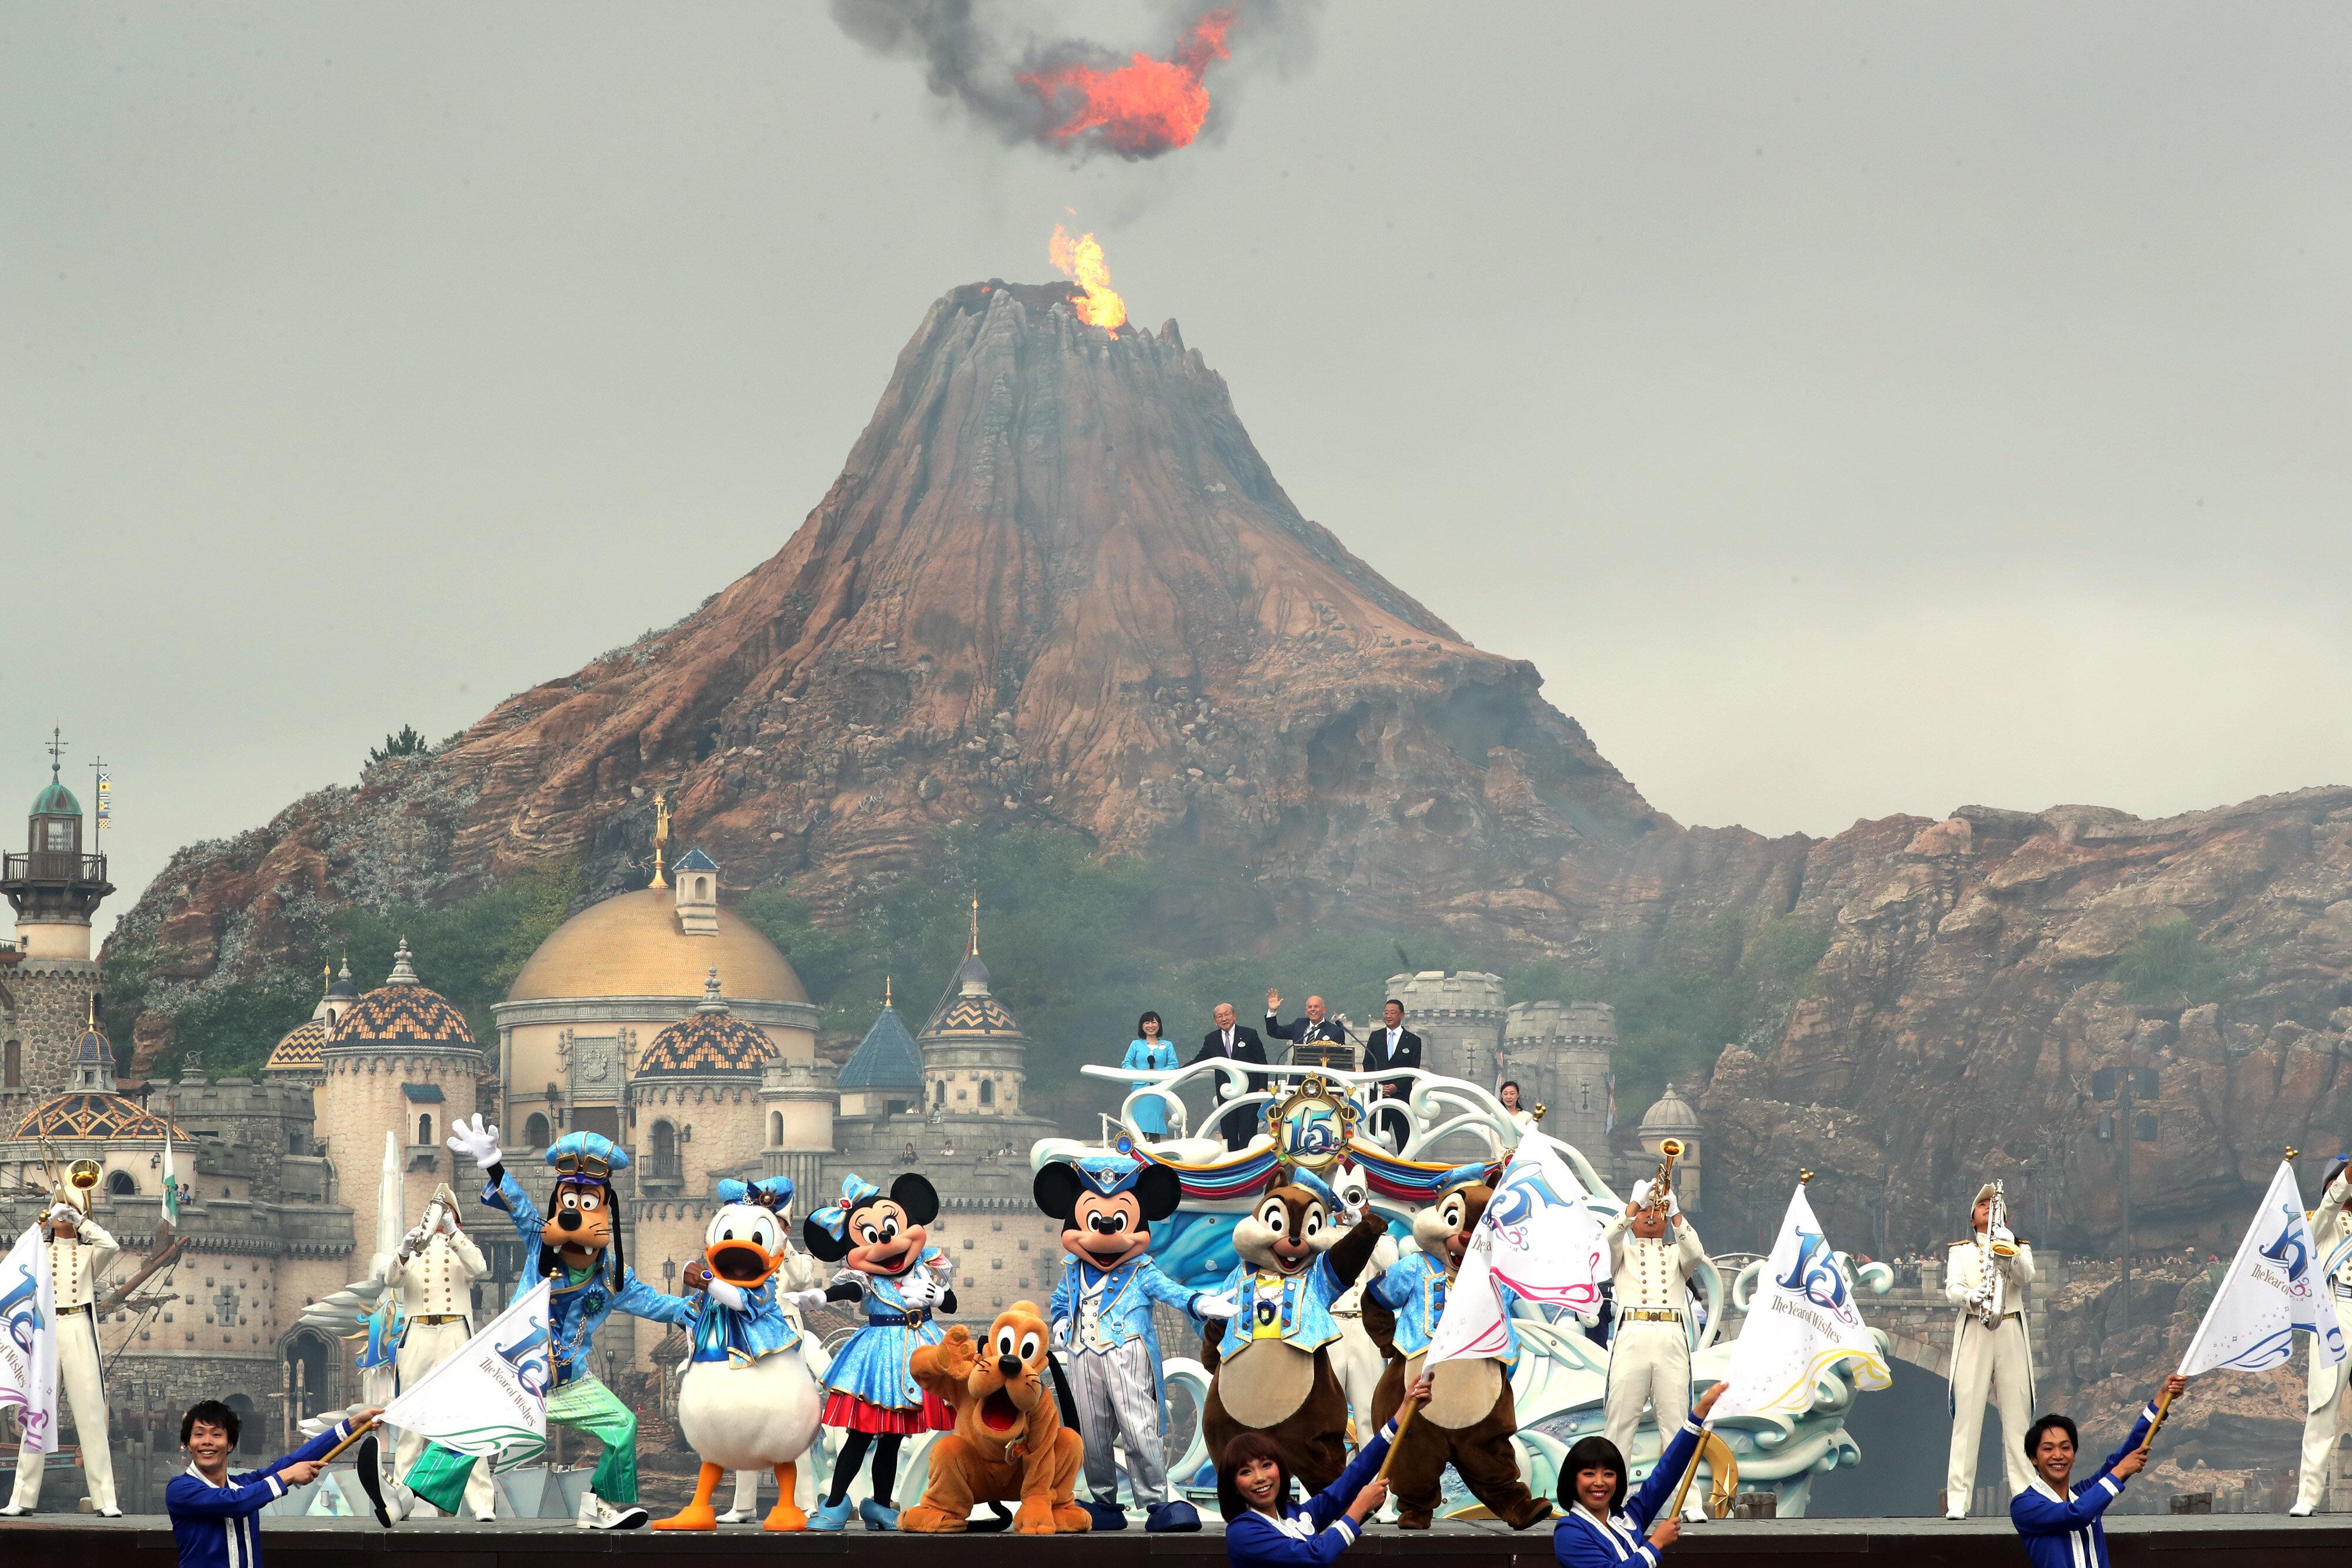 東京ディズニーシーが開園15周年を迎えた。園内で行われた記念セレモニーでは、ミッキーマウスをはじめとするディズニーのキャラクターがダンサーたちと共にパフォーマンスを披露し、来場者を盛り上げた(千葉県浦安市)=2016年09月04日撮影